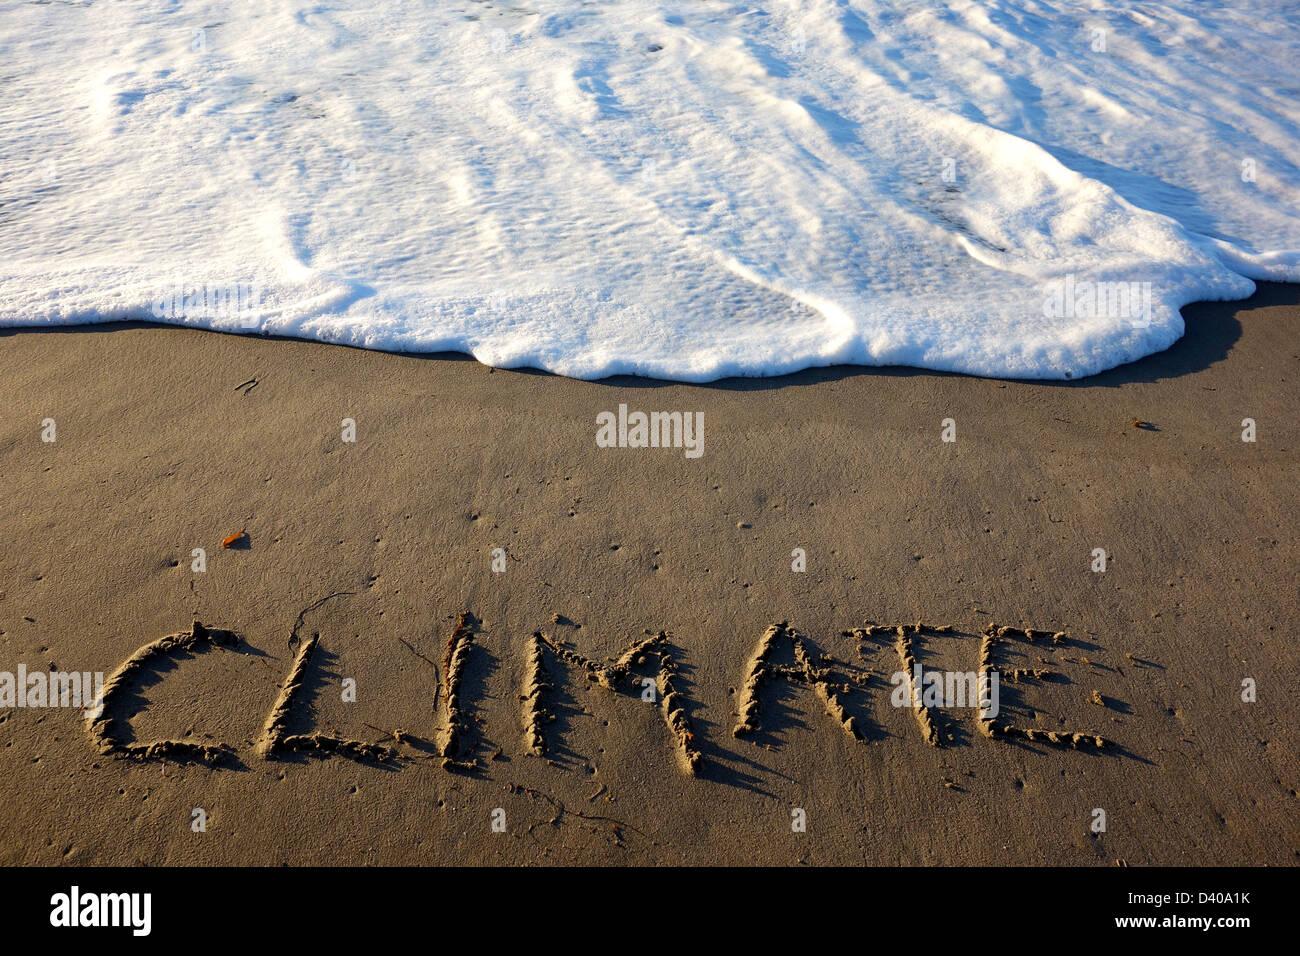 Le CHANGEMENT CLIMATIQUE, LA HAUSSE DES OCÉANS Photo Stock